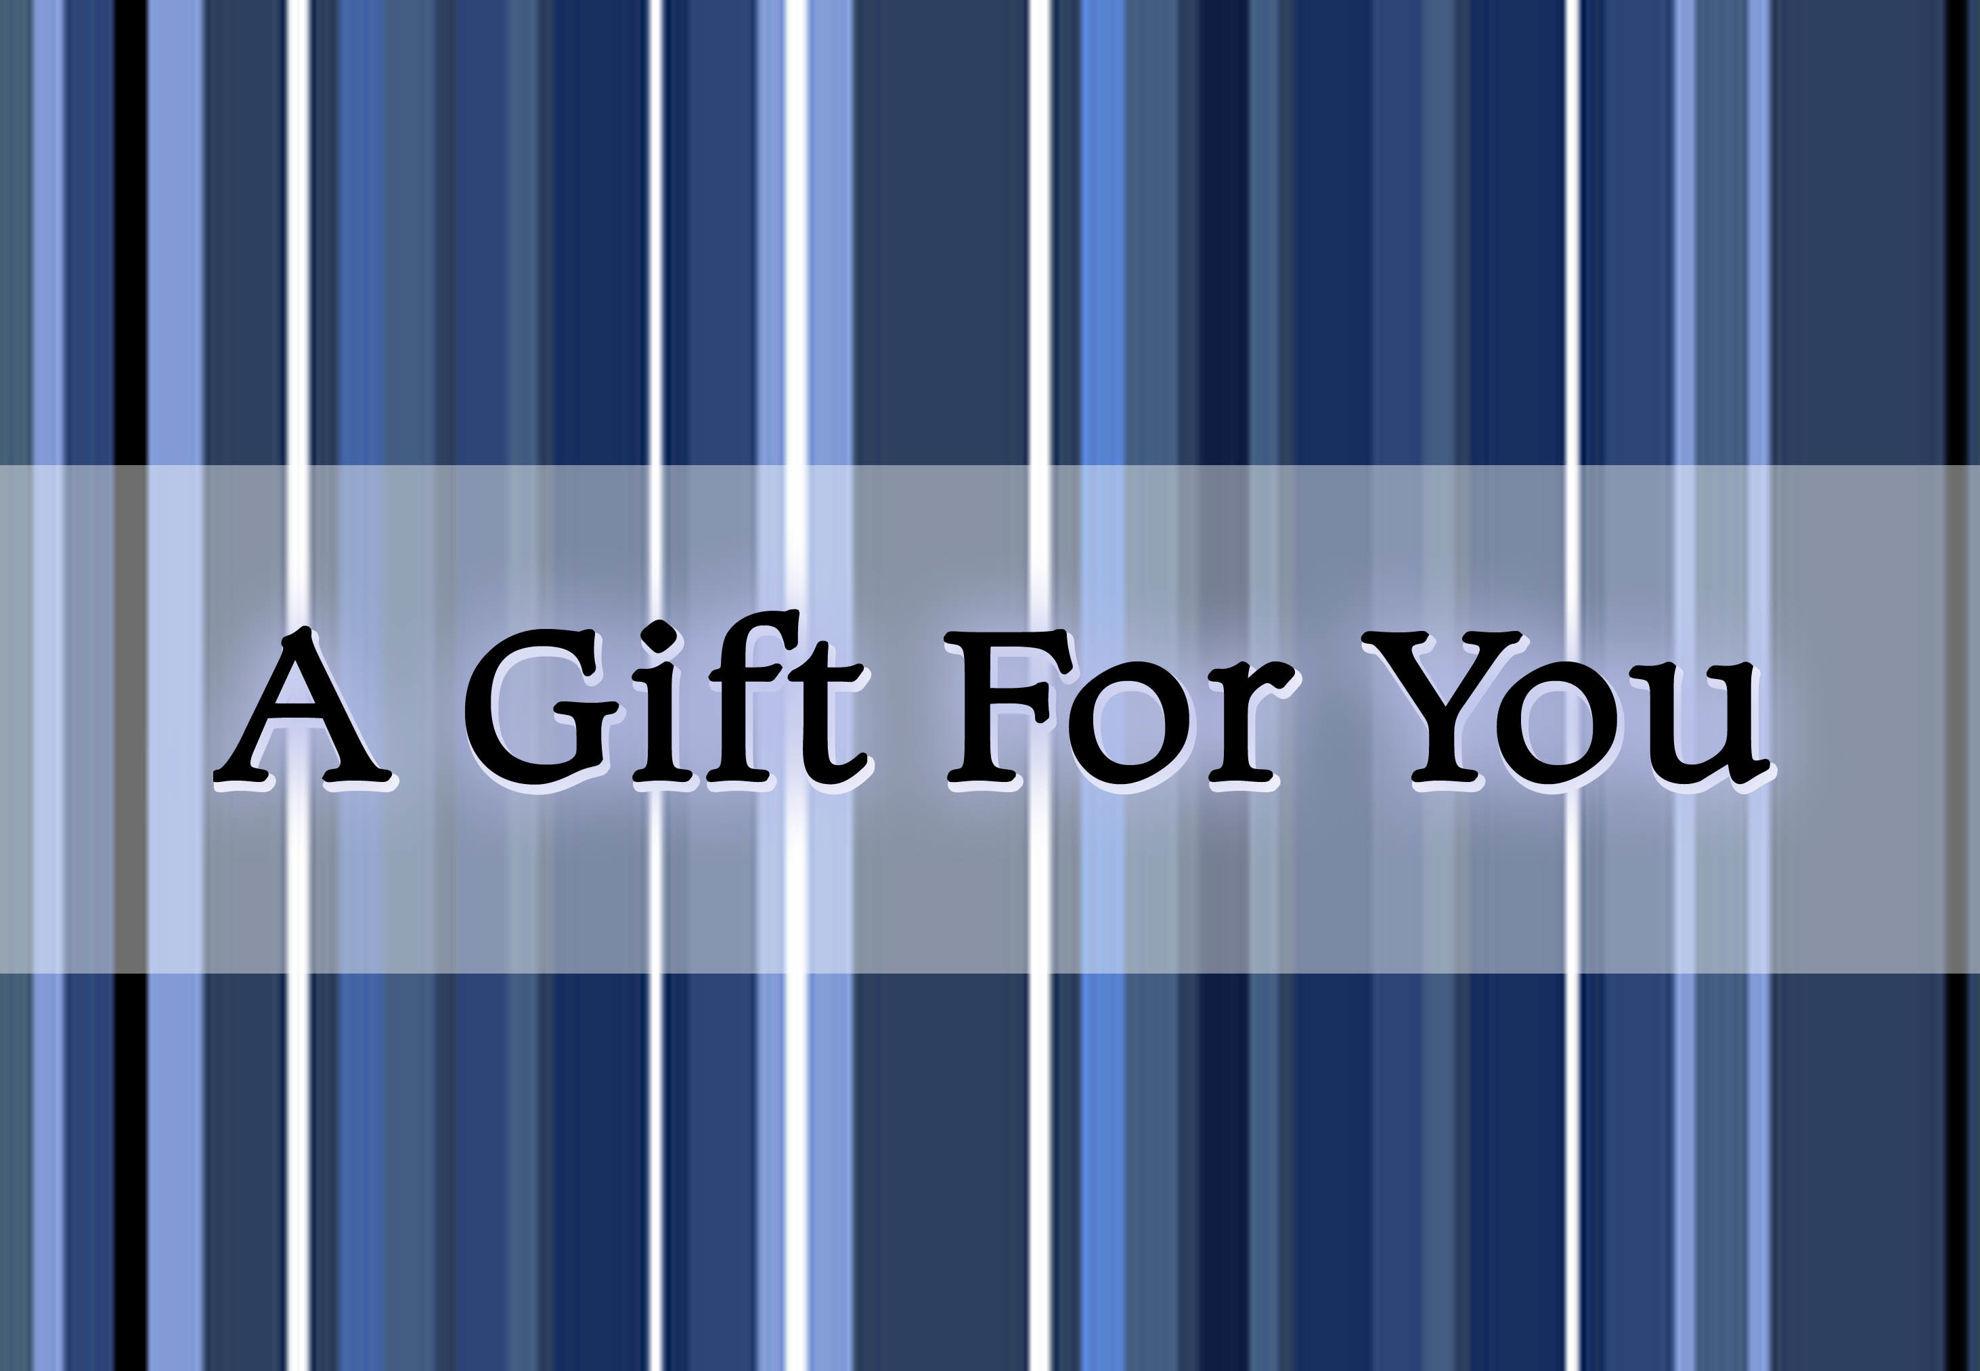 GCI-08 Gift Card Holder (Blue Stripes)